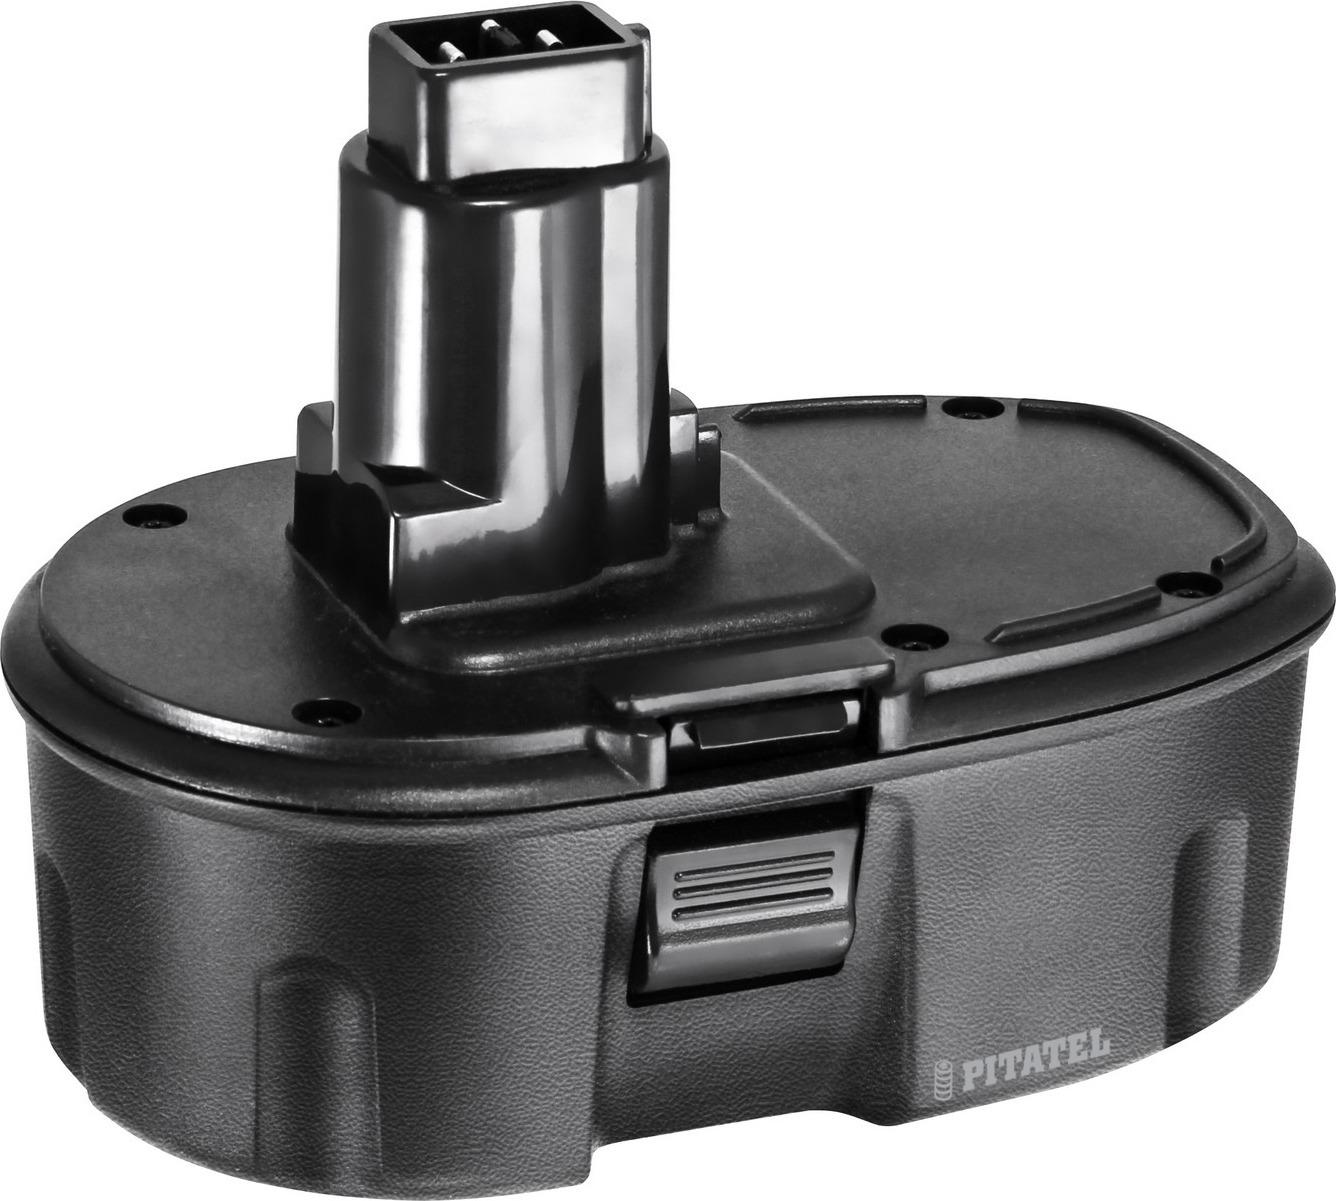 Аккумулятор для инструмента DEWALT Pitatel TSB-013-DE18A-15C, черный аккумулятор для инструмента dewalt pitatel tsb 021 de24 30m черный